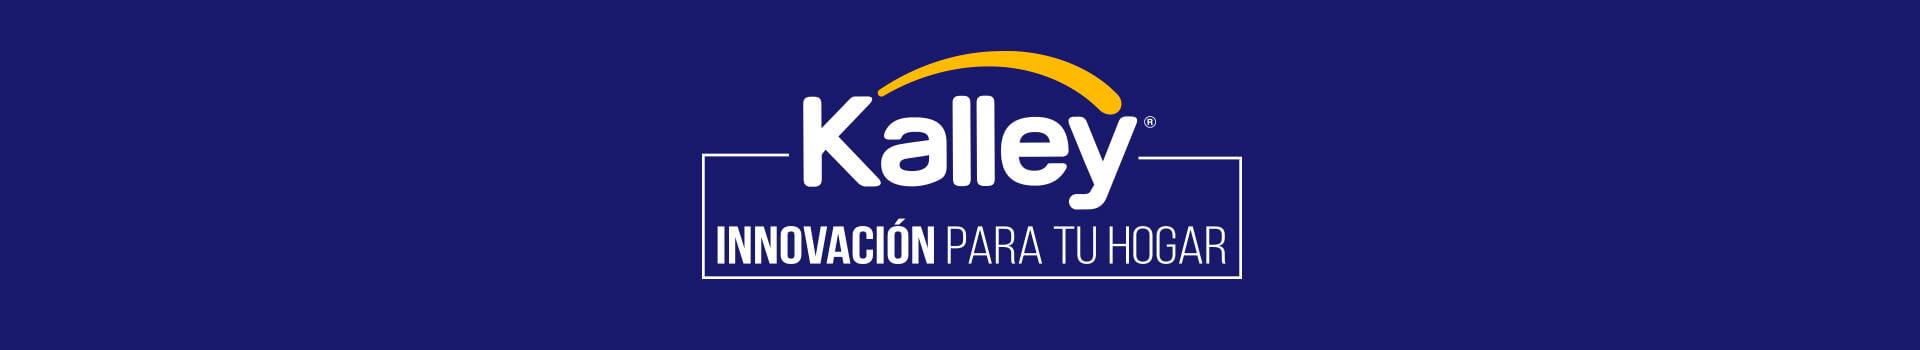 Mundo kalley, ofertas, destacados, calidad y entretenimiento